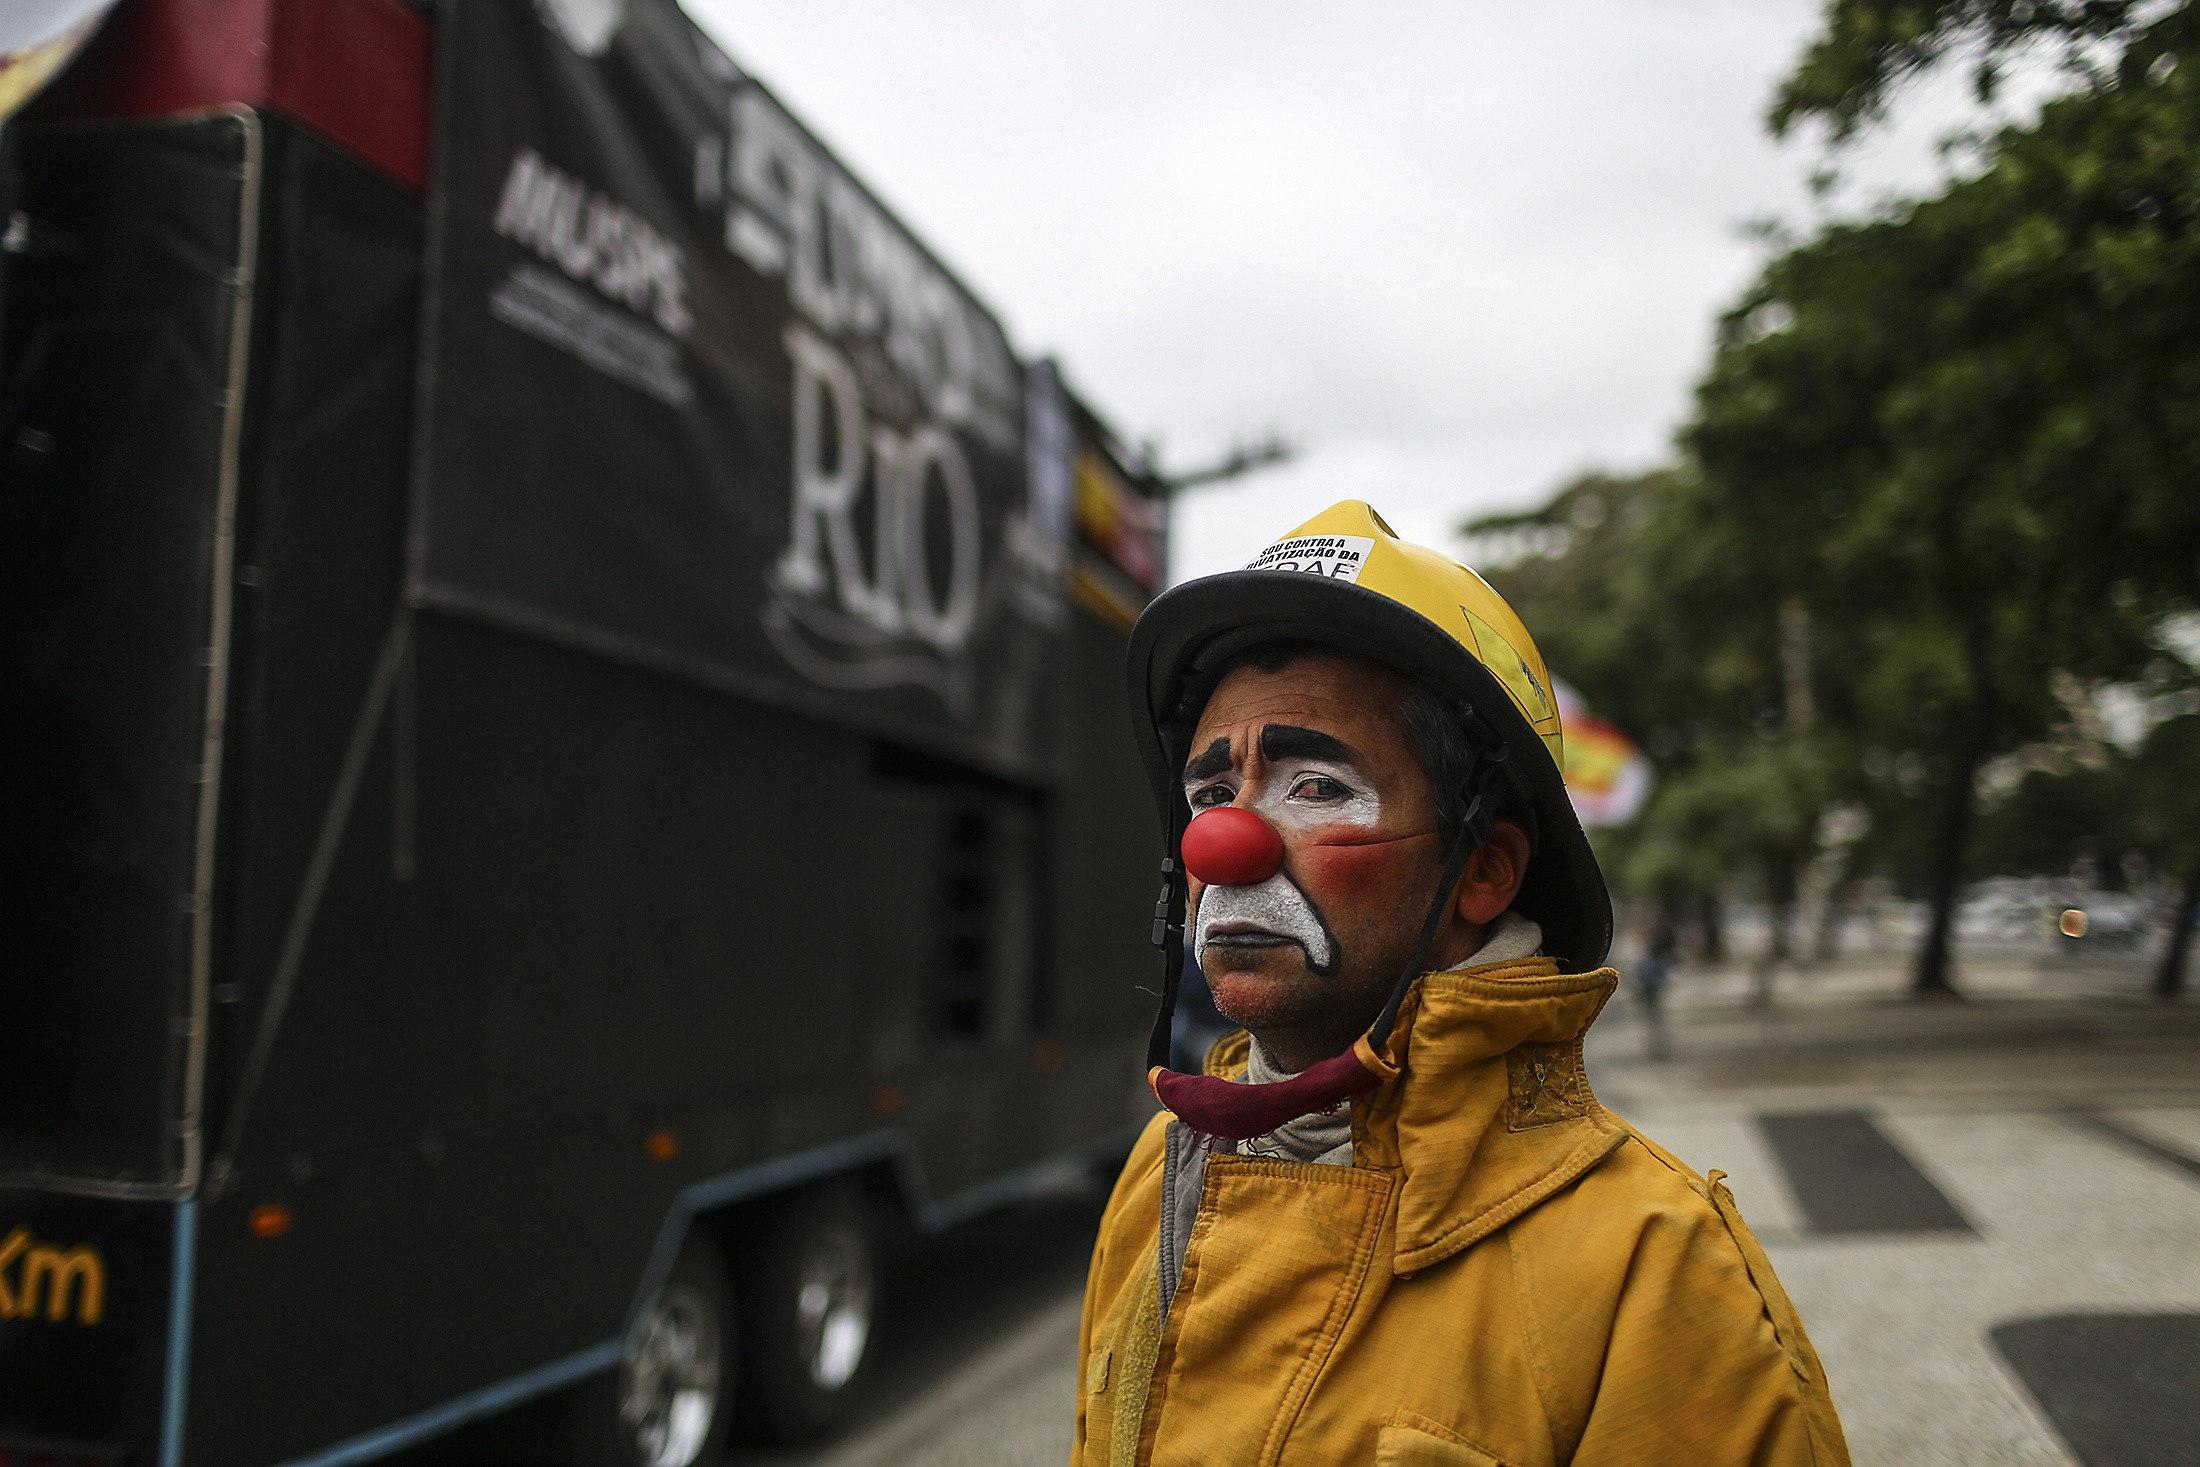 Un home vestit de bomber pallasso participa en una protesta a la platja de Copacabana, Rio de Janeiro (Brasil), contra el govern de Michel Temer. /ANTONIO LACERDA